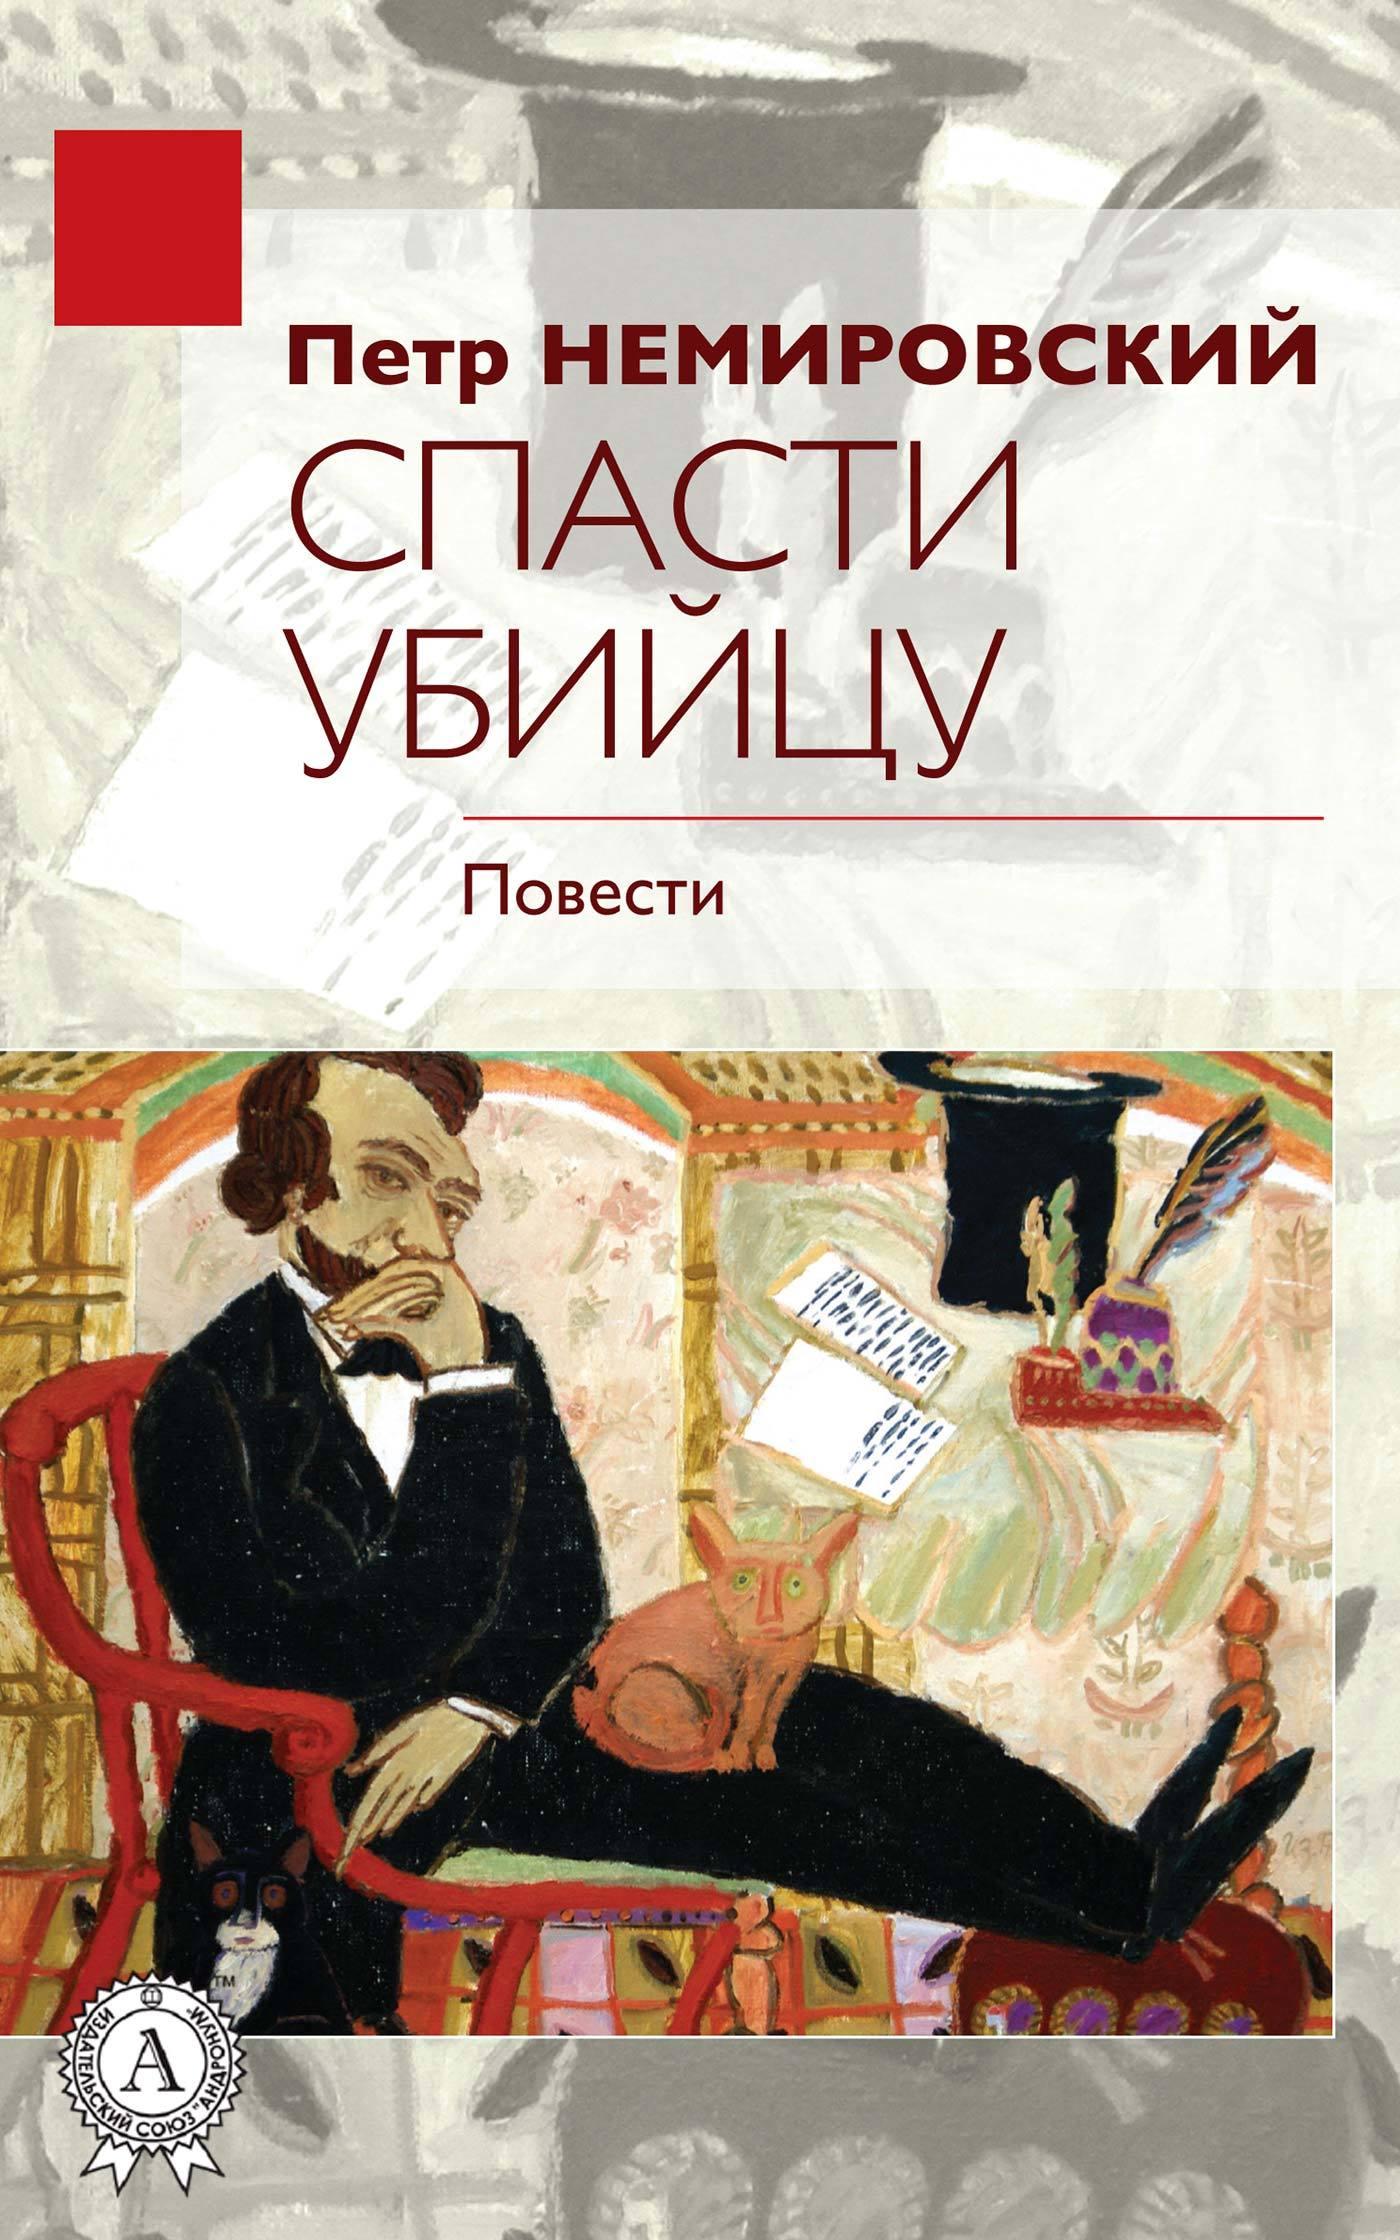 Петр Немировский - Спасти убийцу